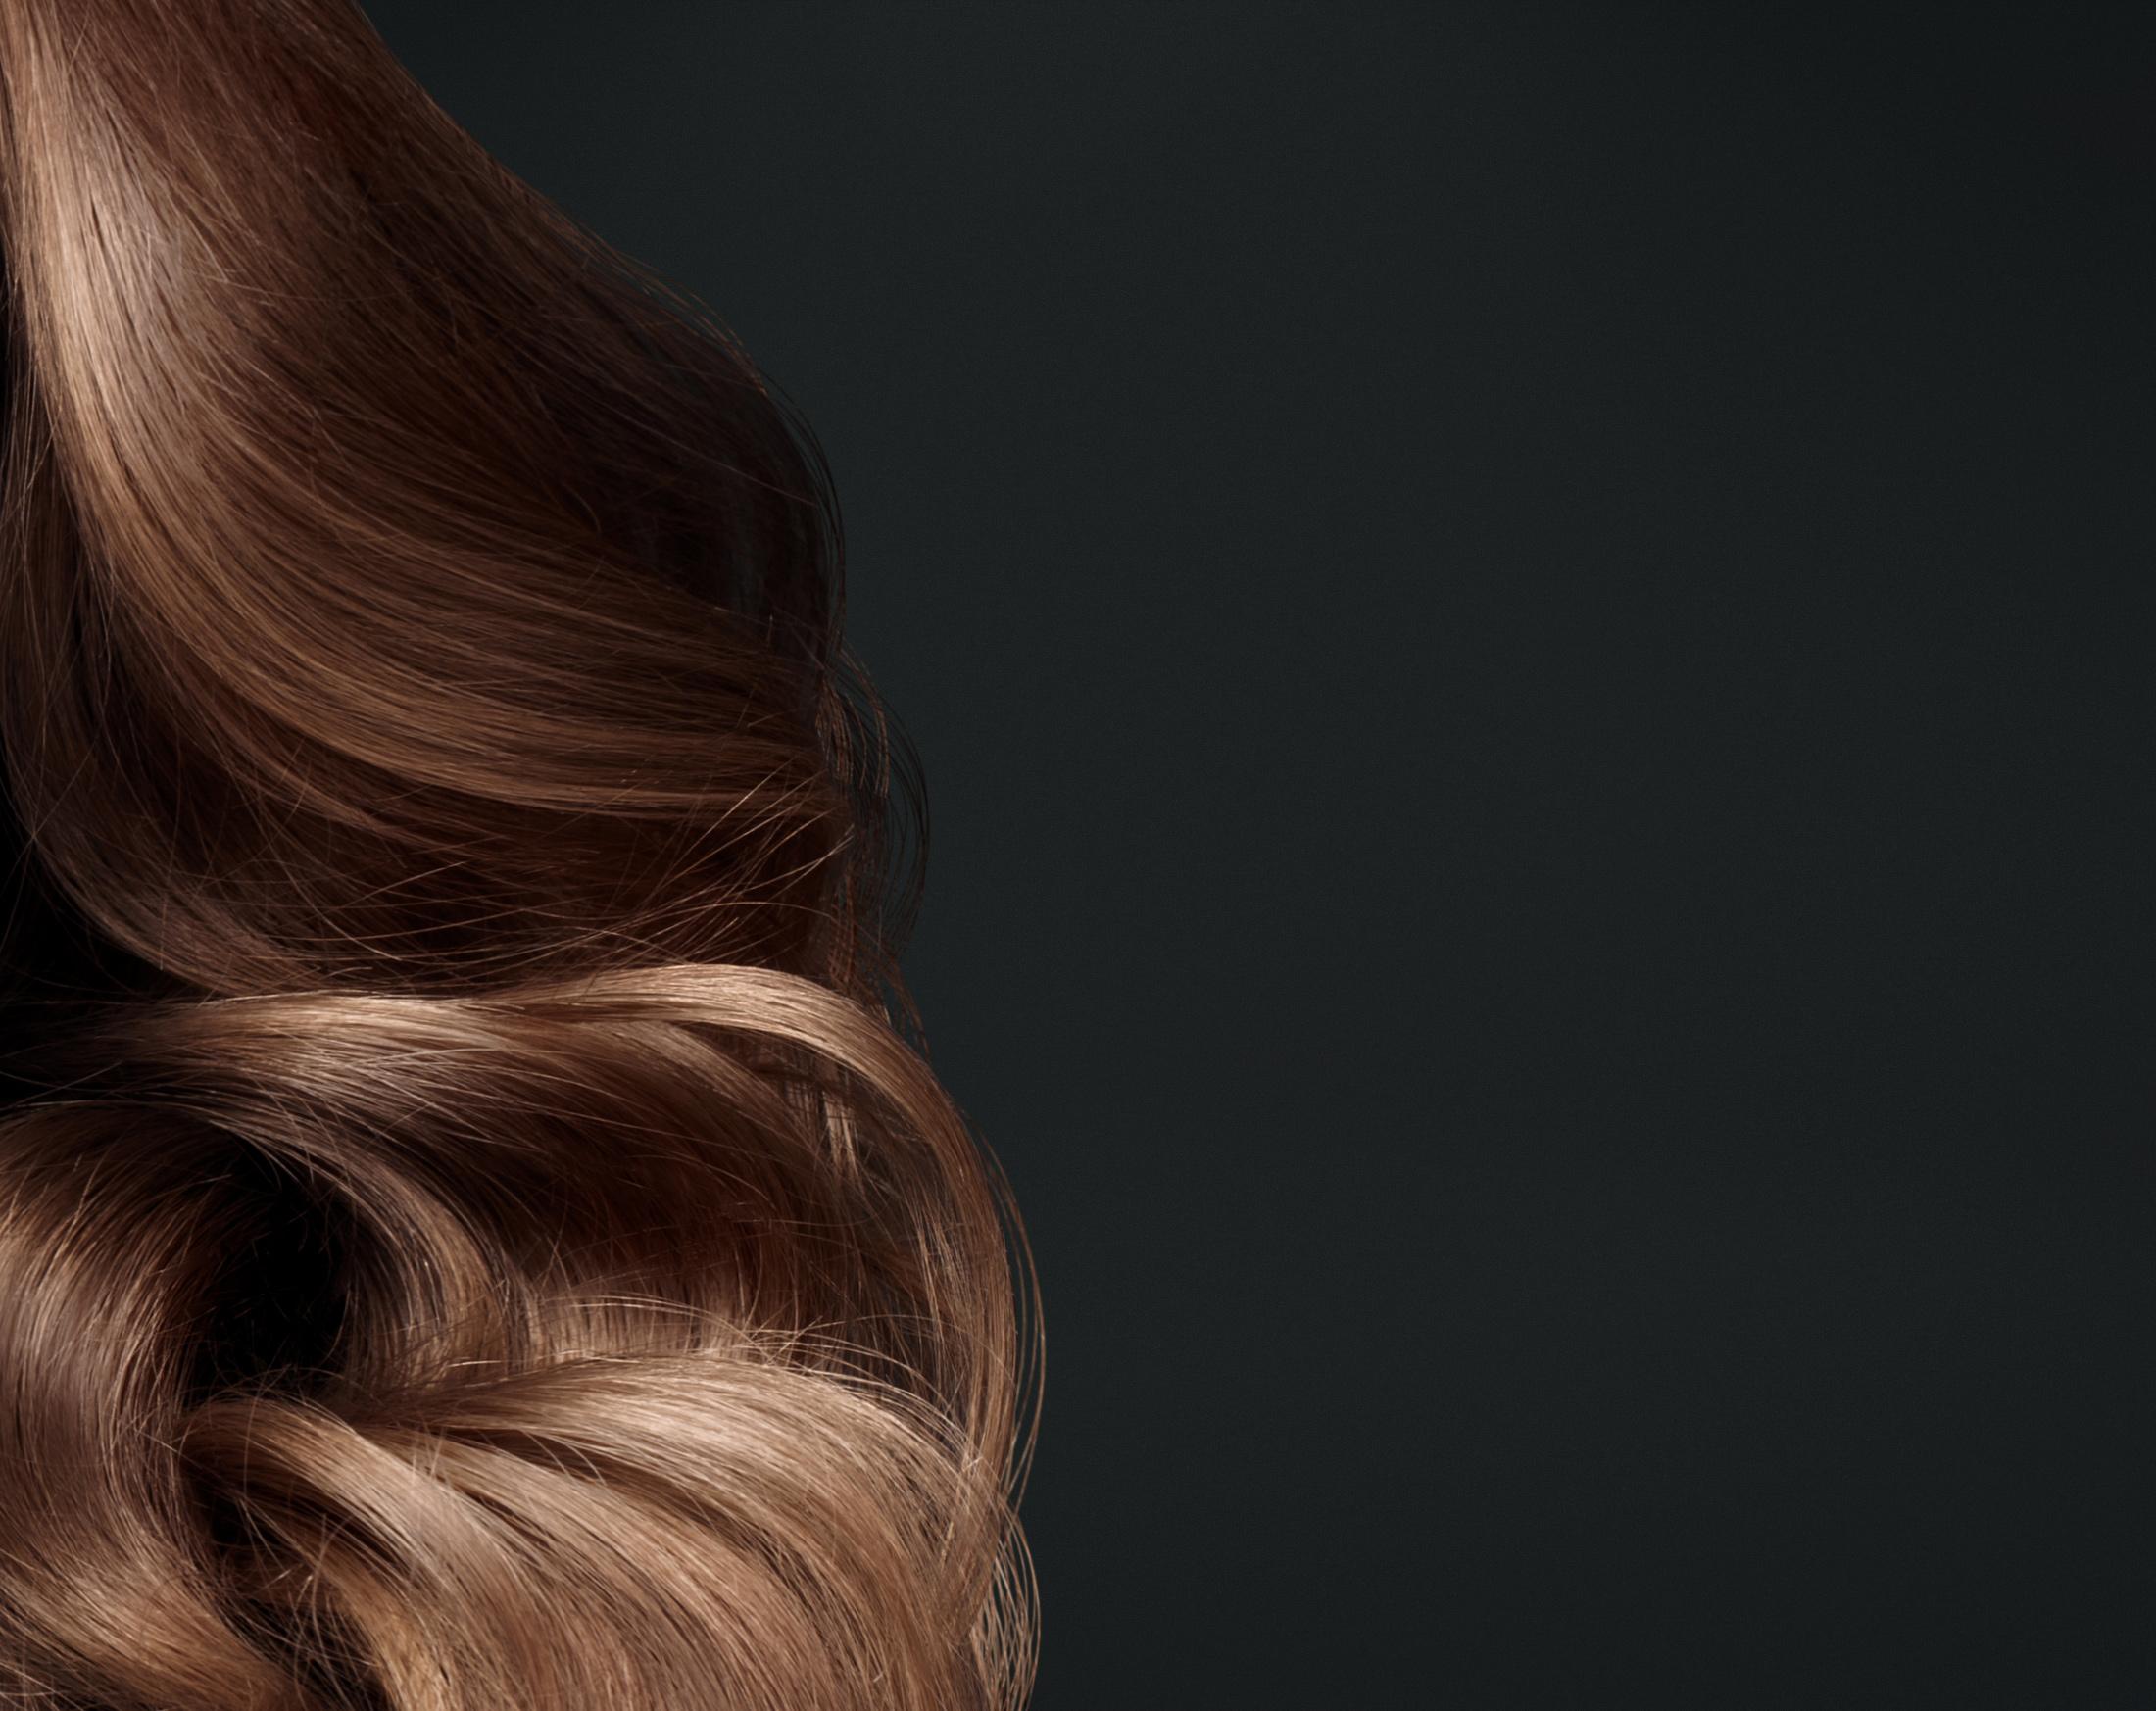 S&F-Hair-Image-Brown-Dark.jpg